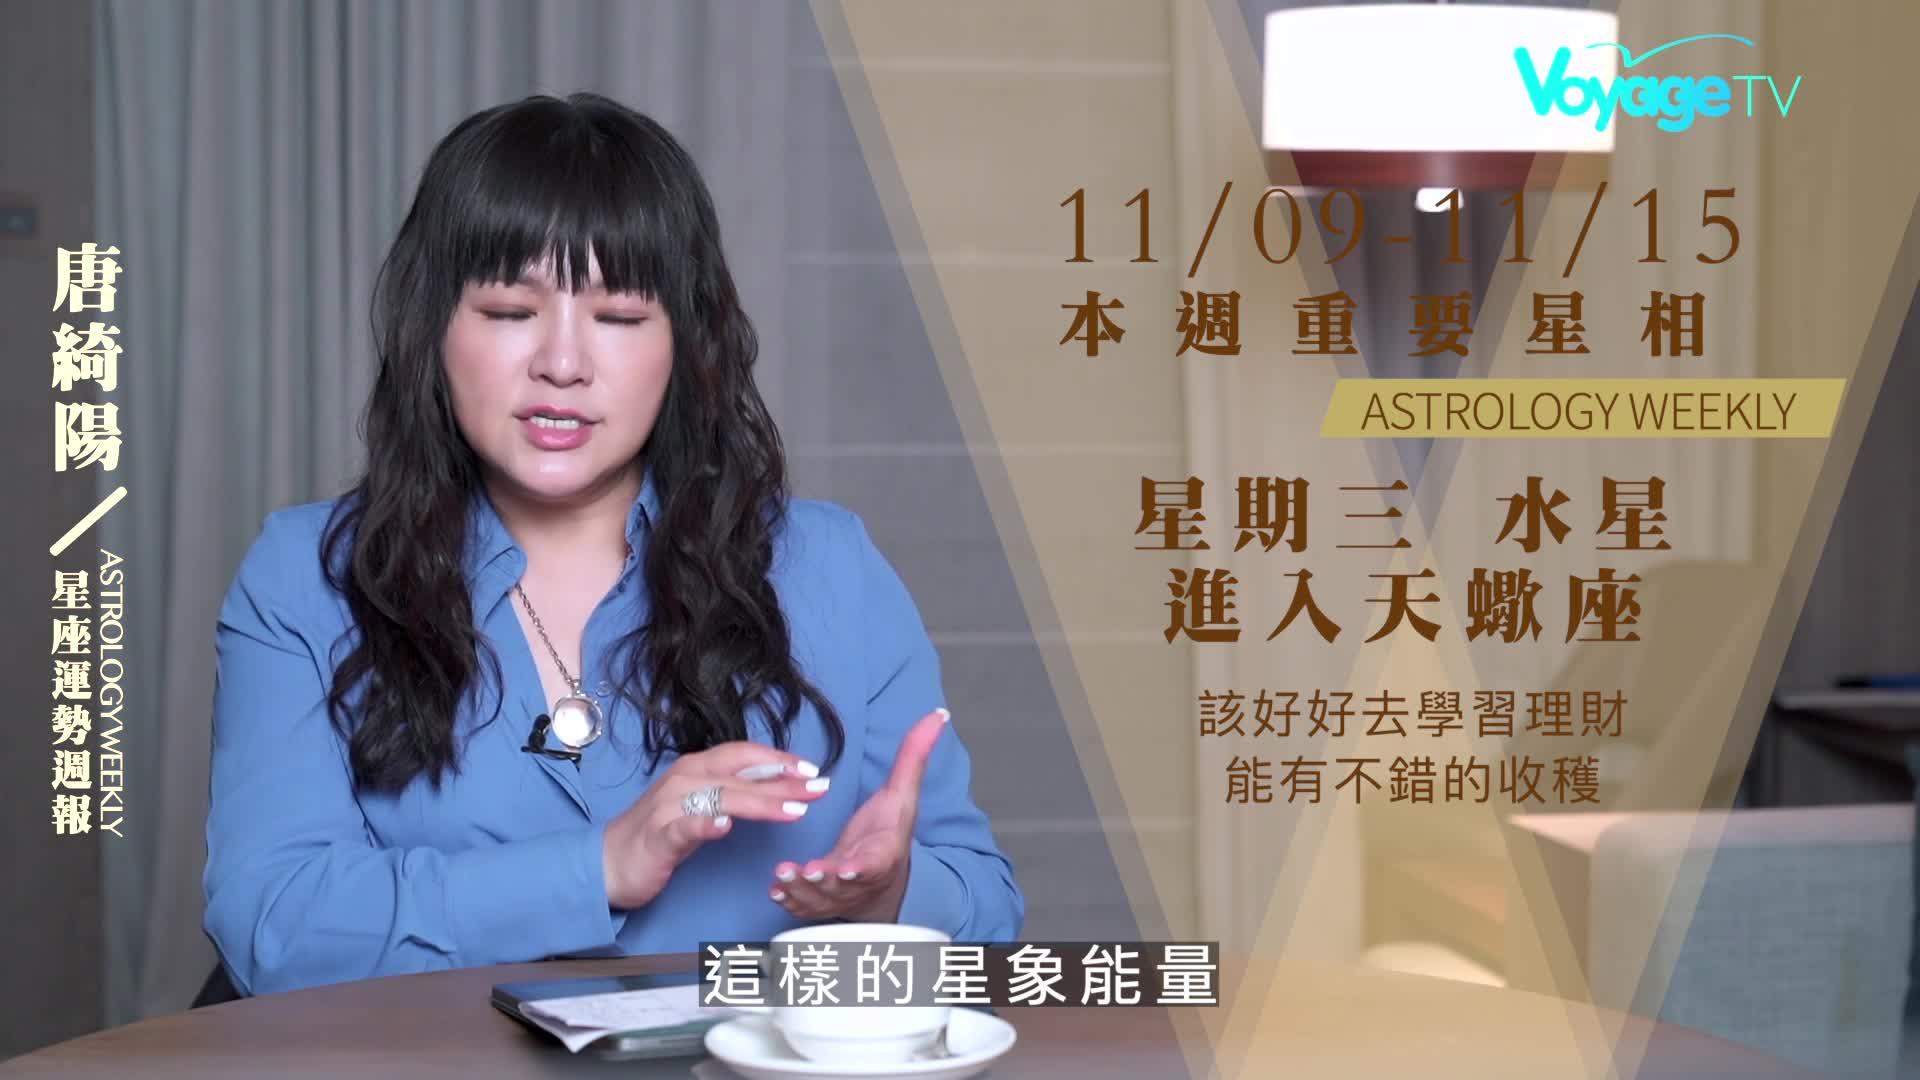 唐綺陽本週星座運勢解析:11/09 - 11/15 2020